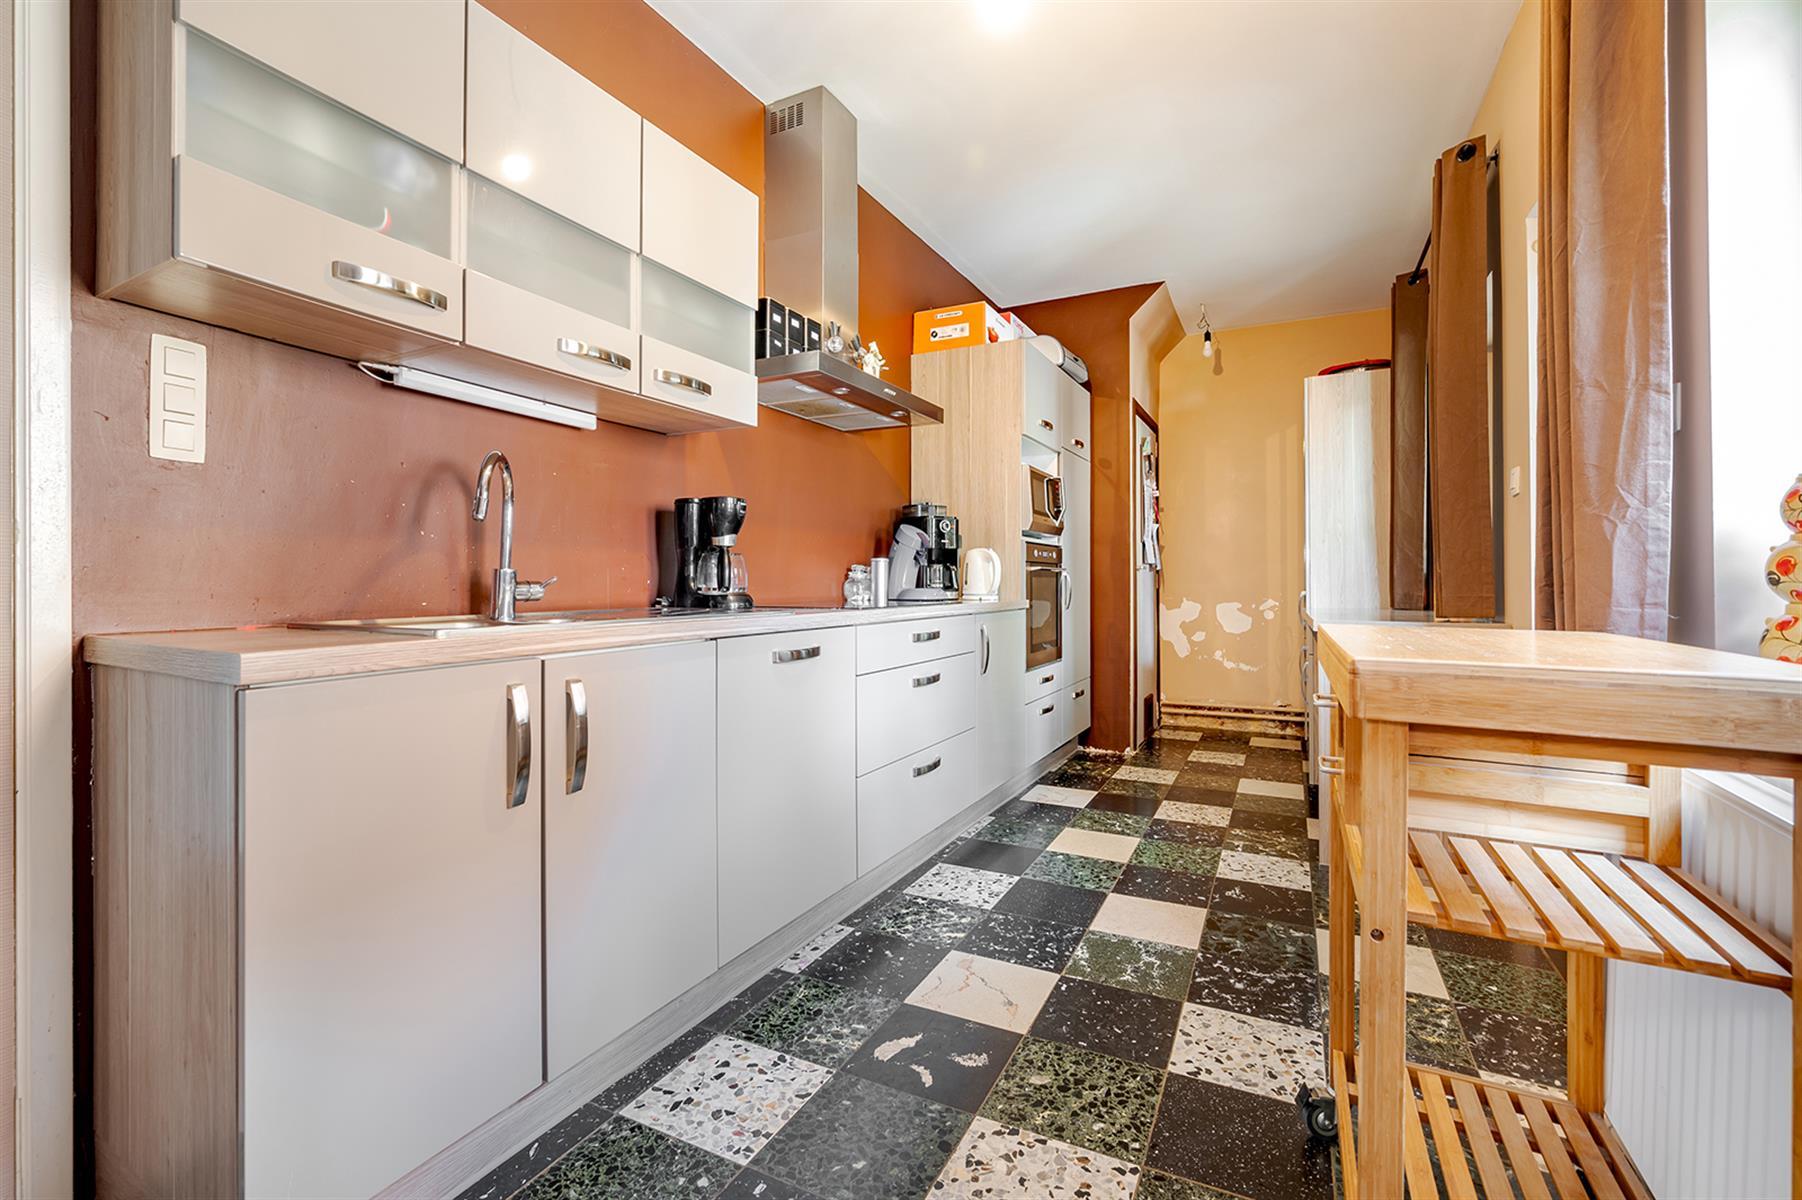 Maison - Villersle-Bouillet Warnant-Dreye - #4392377-5